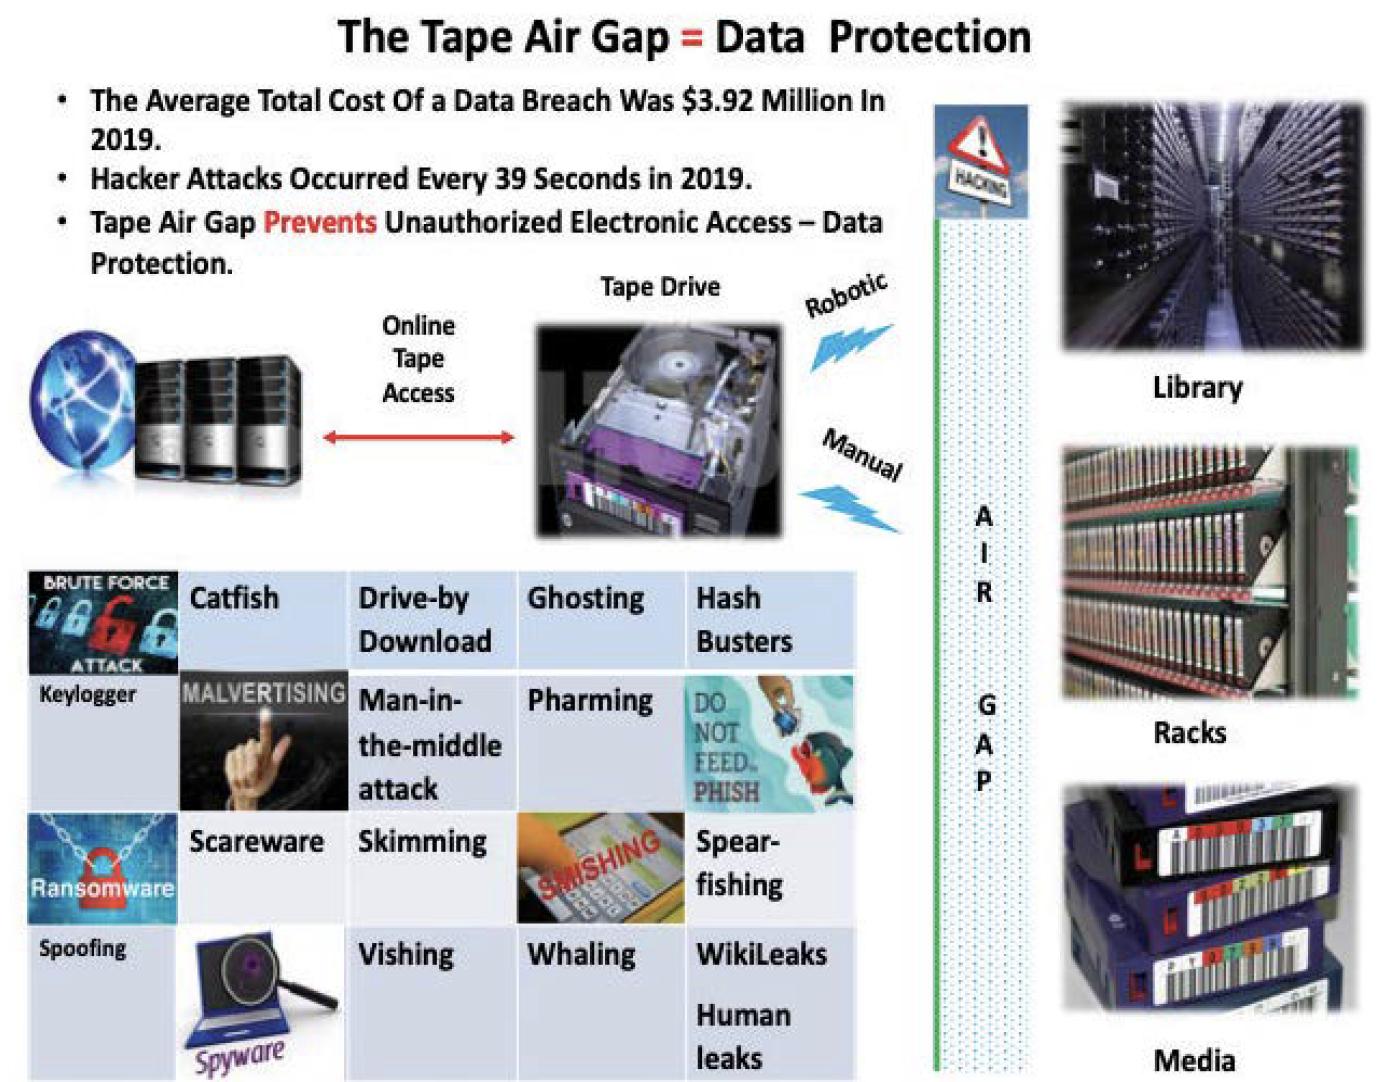 The Tape Air Gap